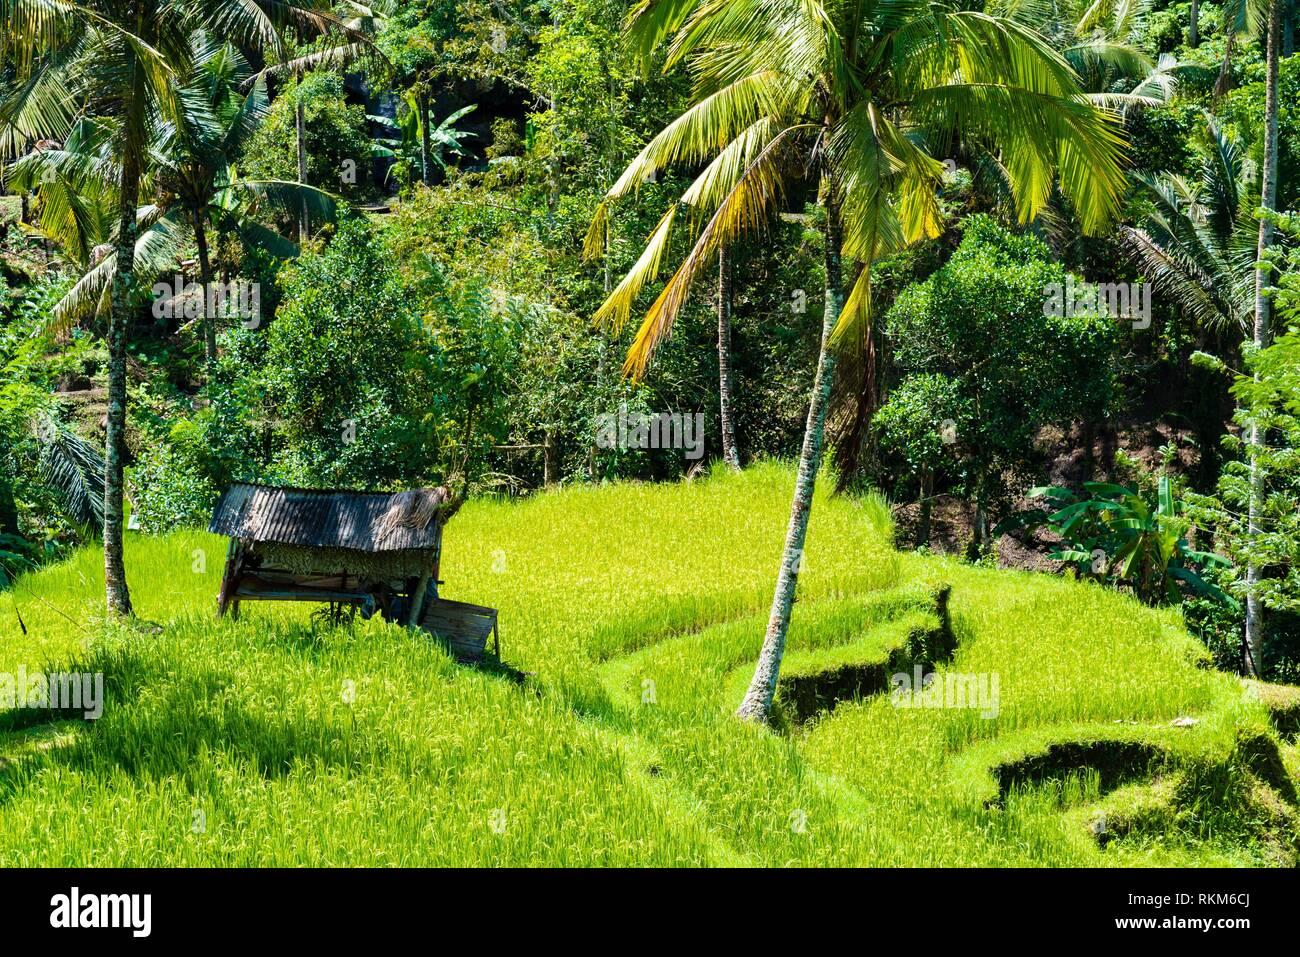 Blick über Terrasse Reisfelder und Kokospalmen in Asien. Stockfoto